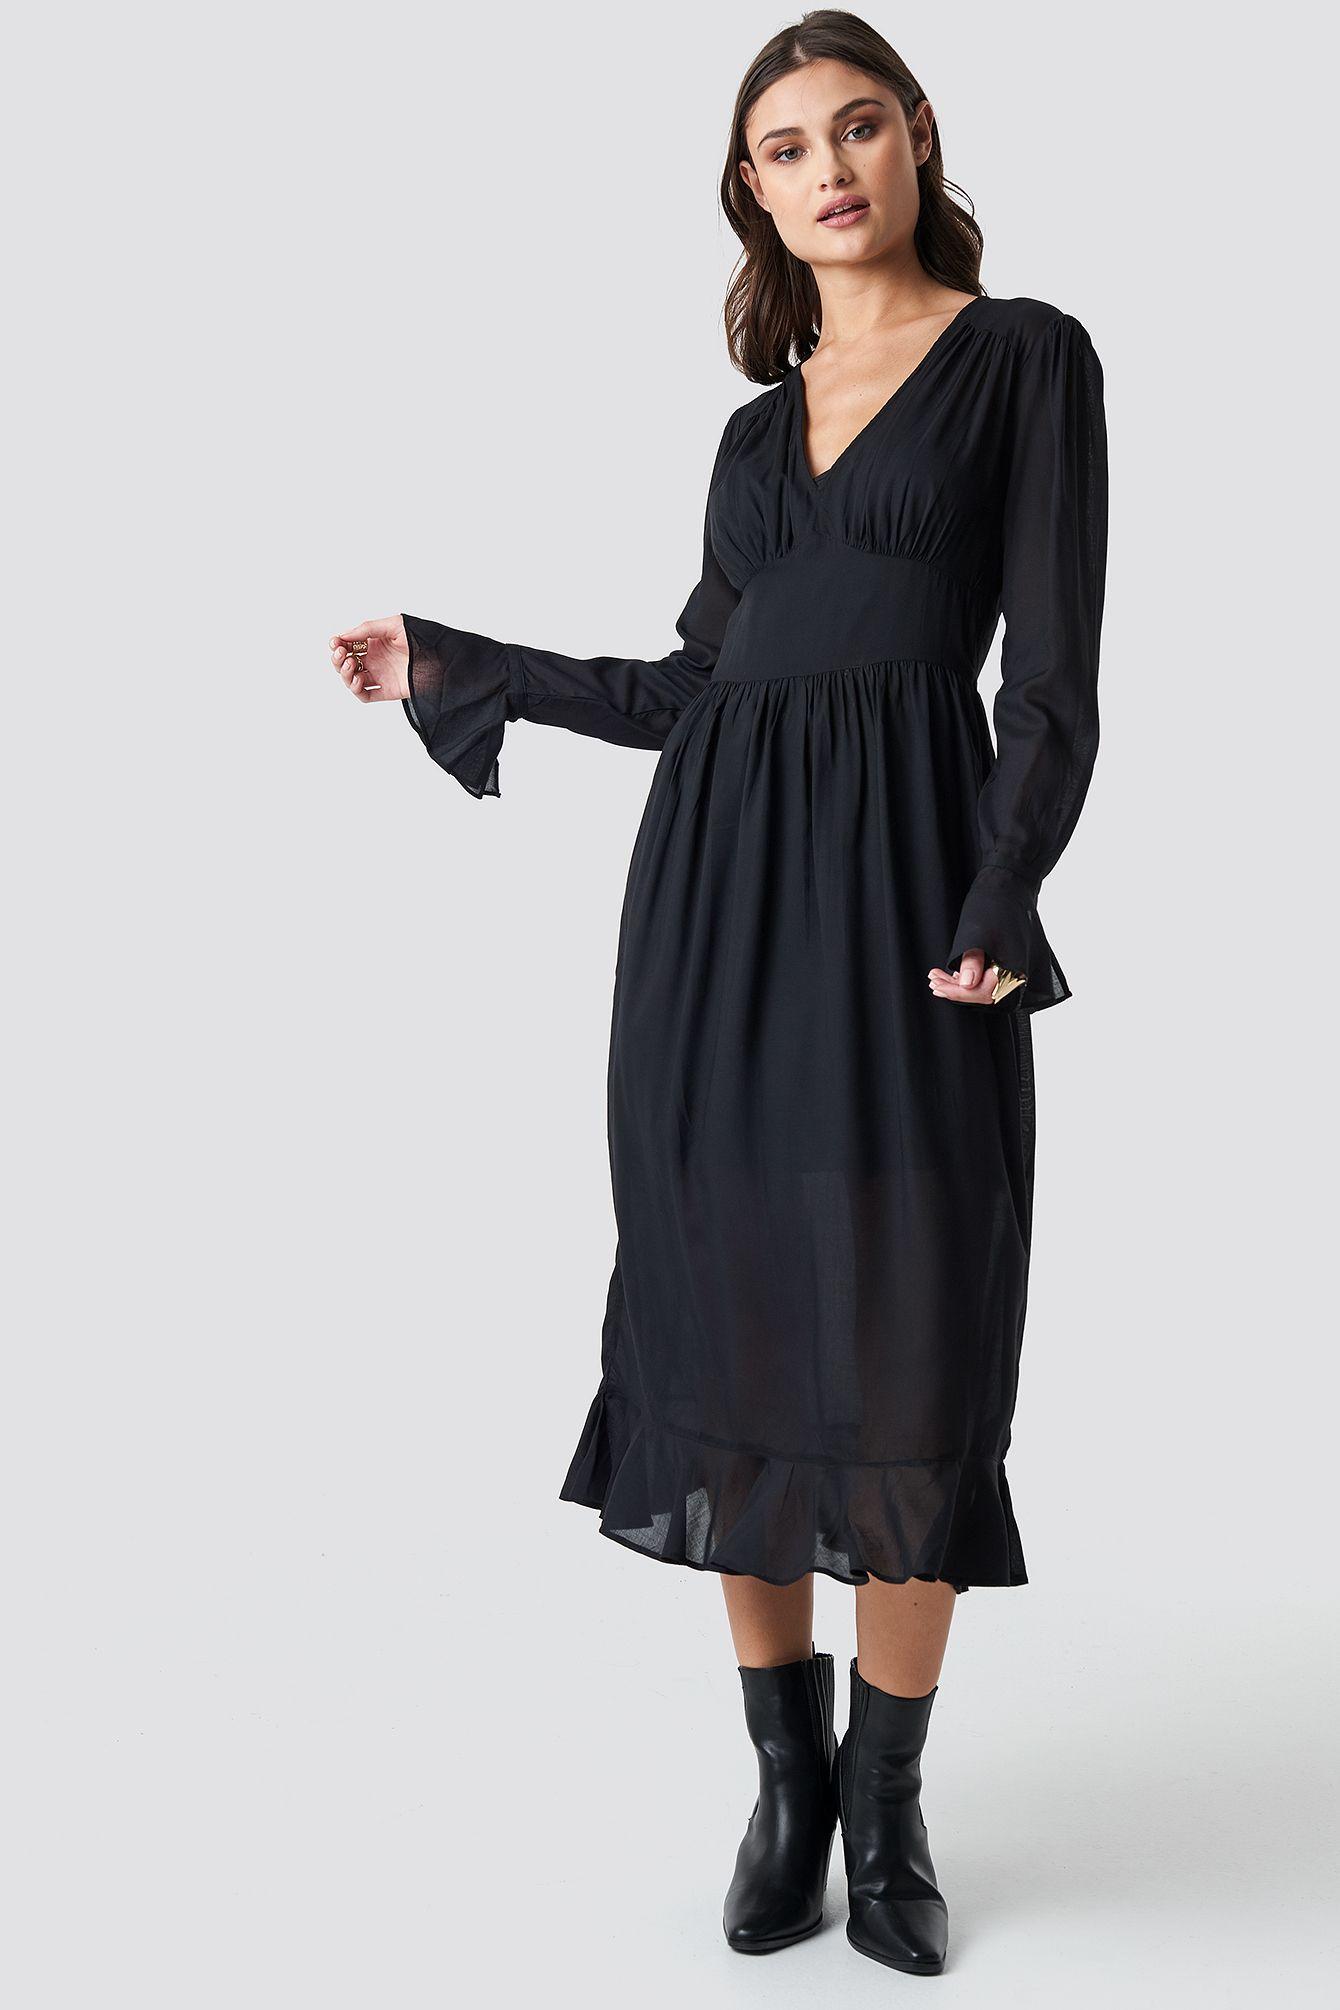 Kleider | Kaufe dein neues Kleid online